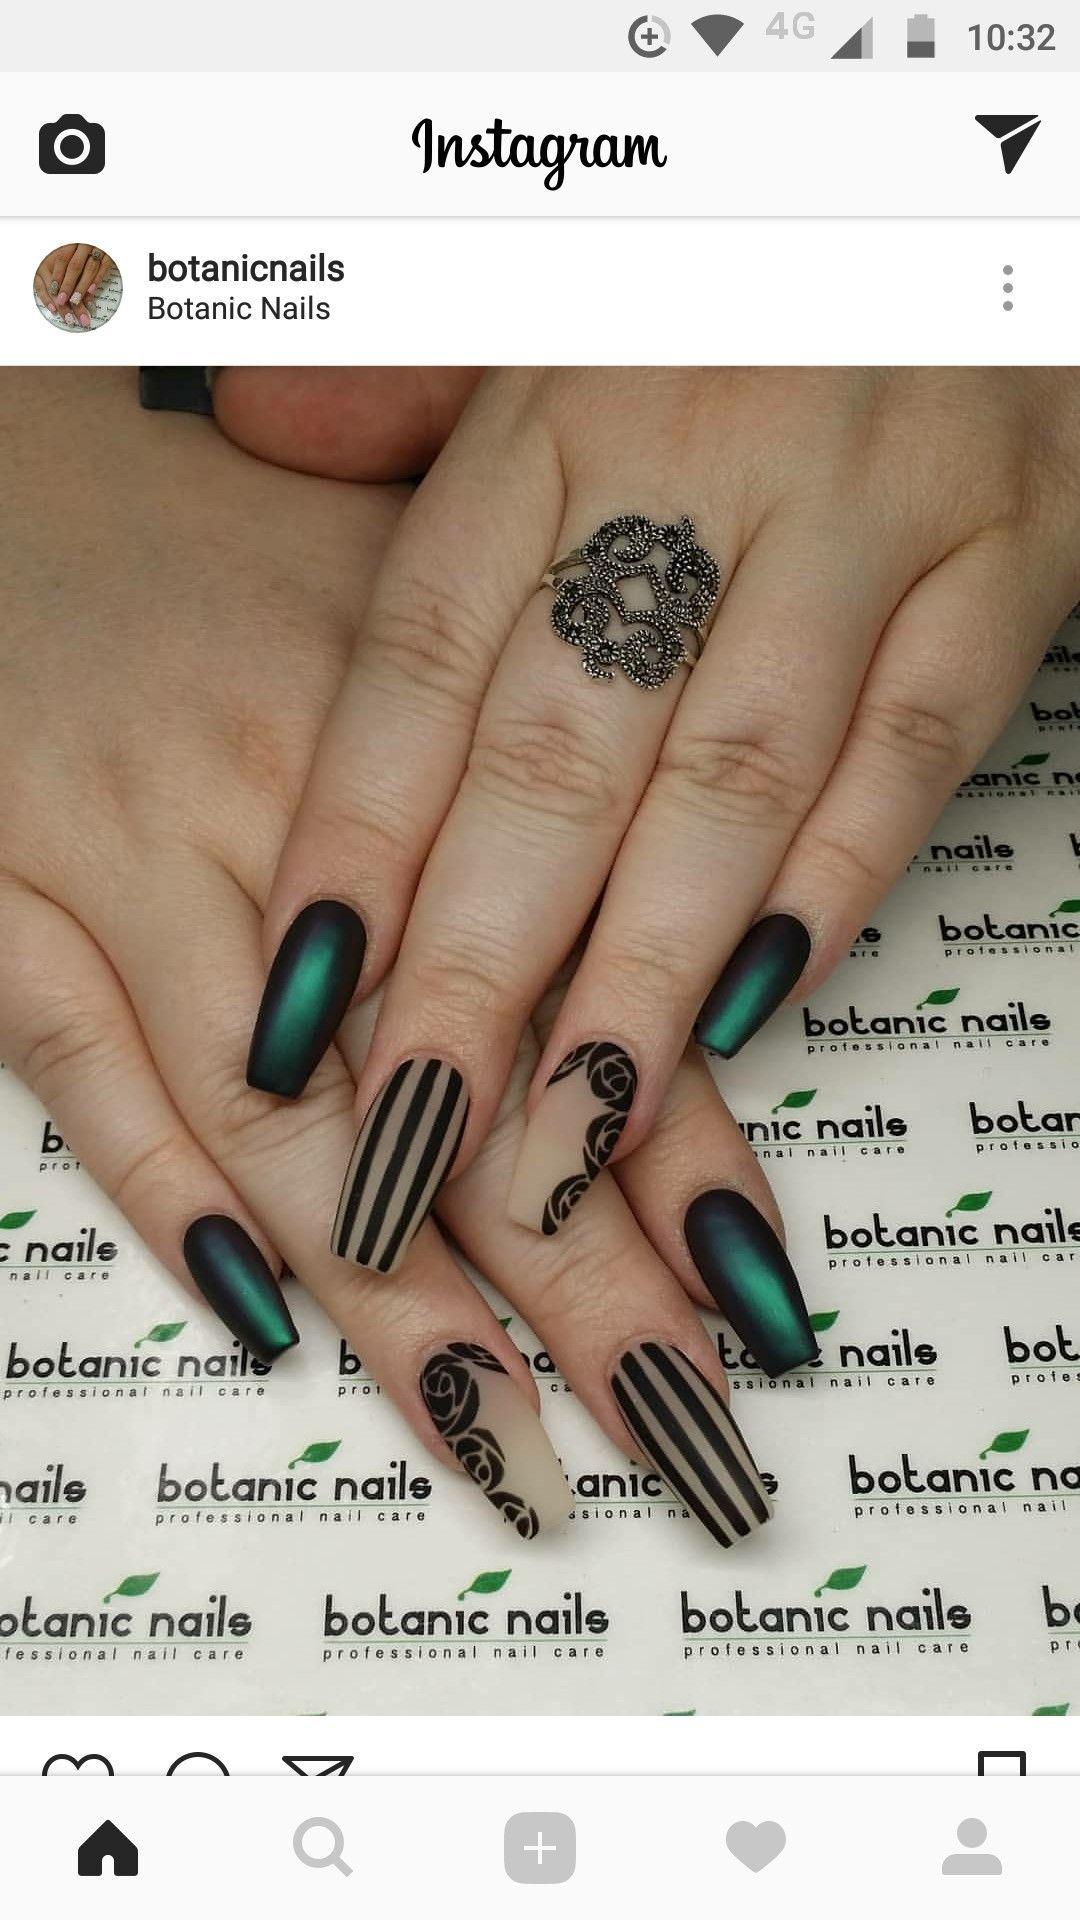 Dark Green And Black Stripes Nail Design In 2020 Green Nails Striped Nails Dark Green Nails